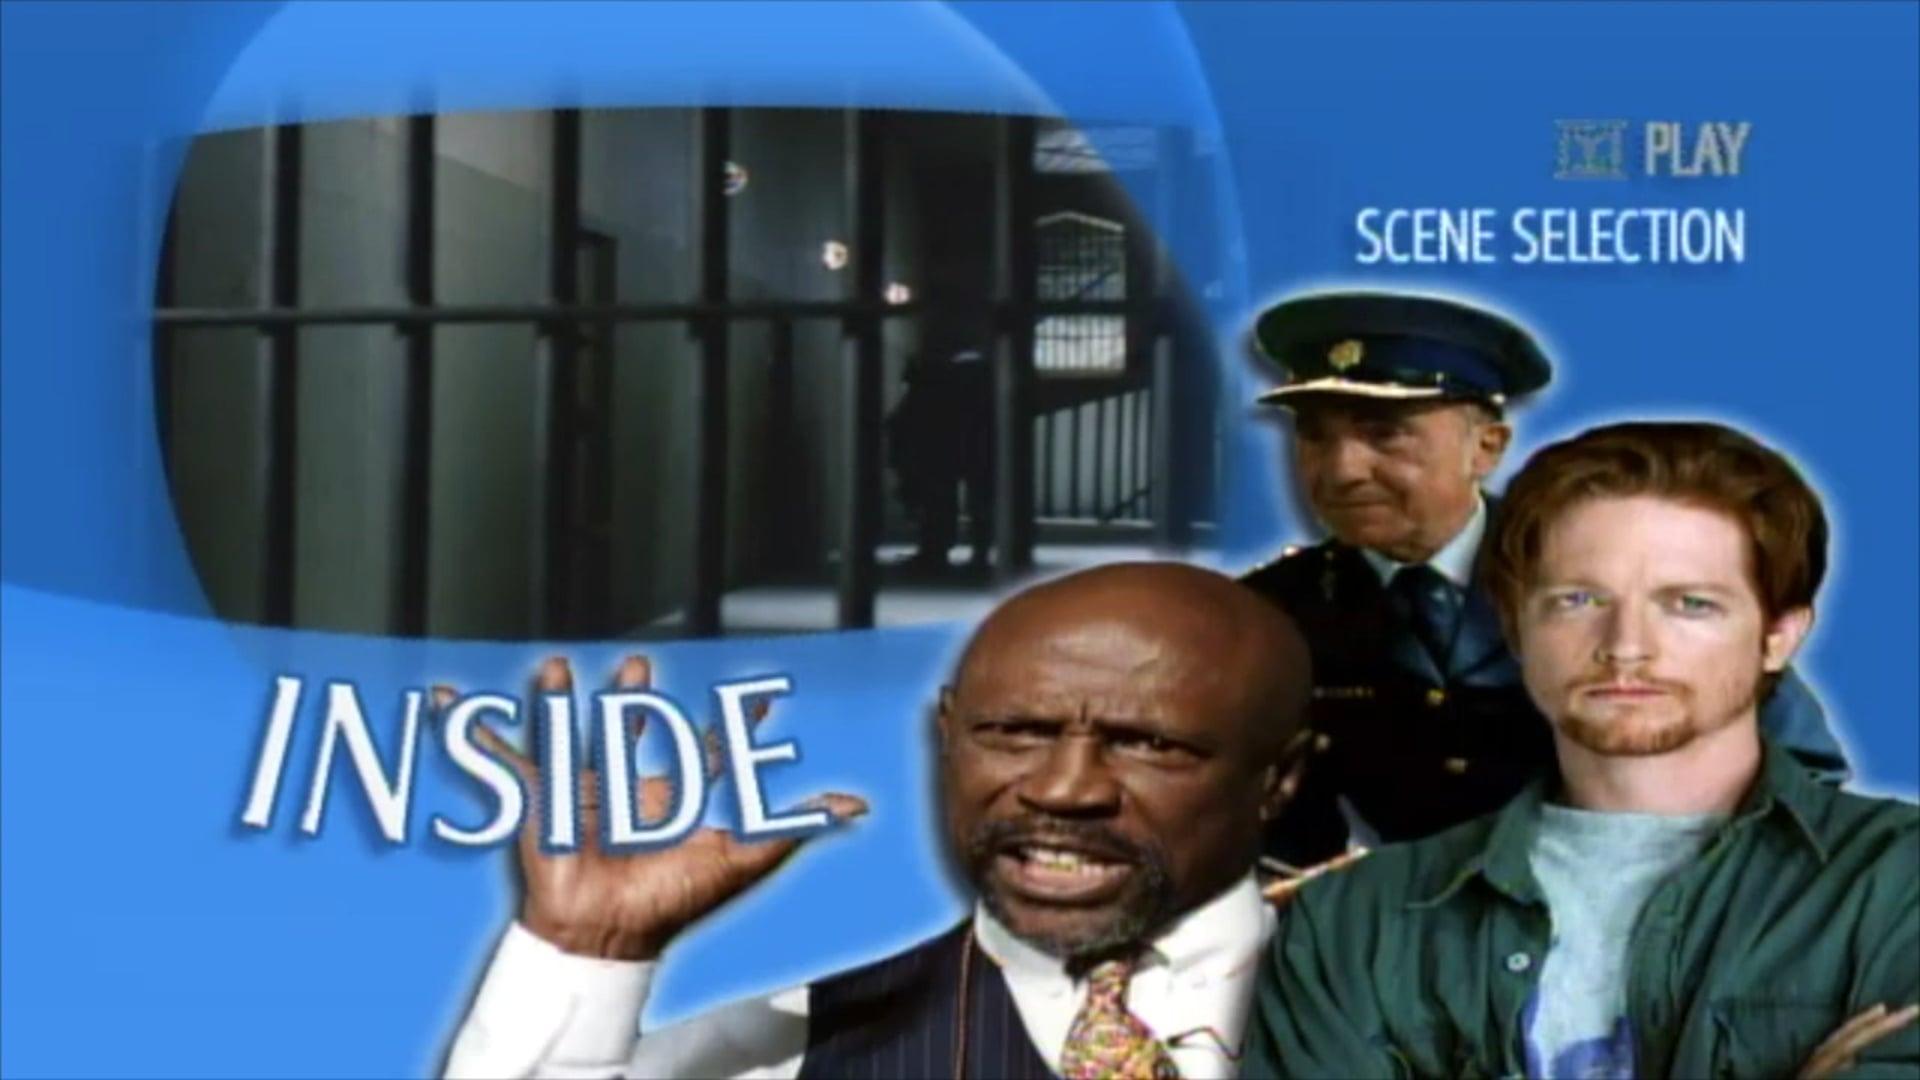 INSIDE - Scene Selection